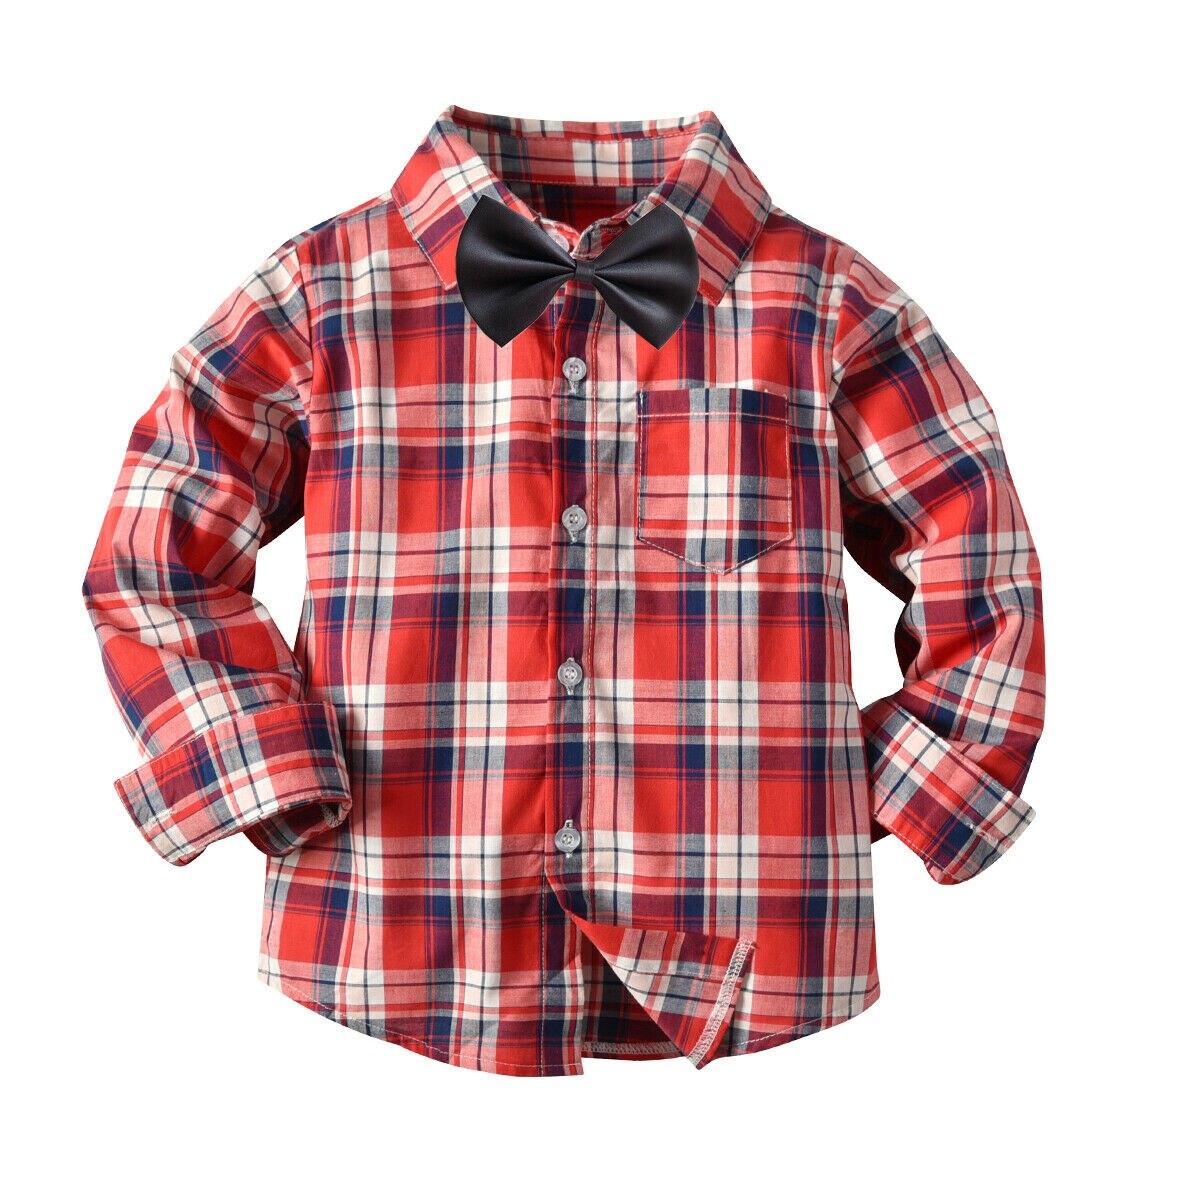 Emmaaby/Новинка года; классические рубашки в клетку с длинными рукавами и лацканами для мальчиков; сезон весна-осень топы с карманами; Повседневная рубашка для маленьких мальчиков детская одежда - Цвет: Оранжевый